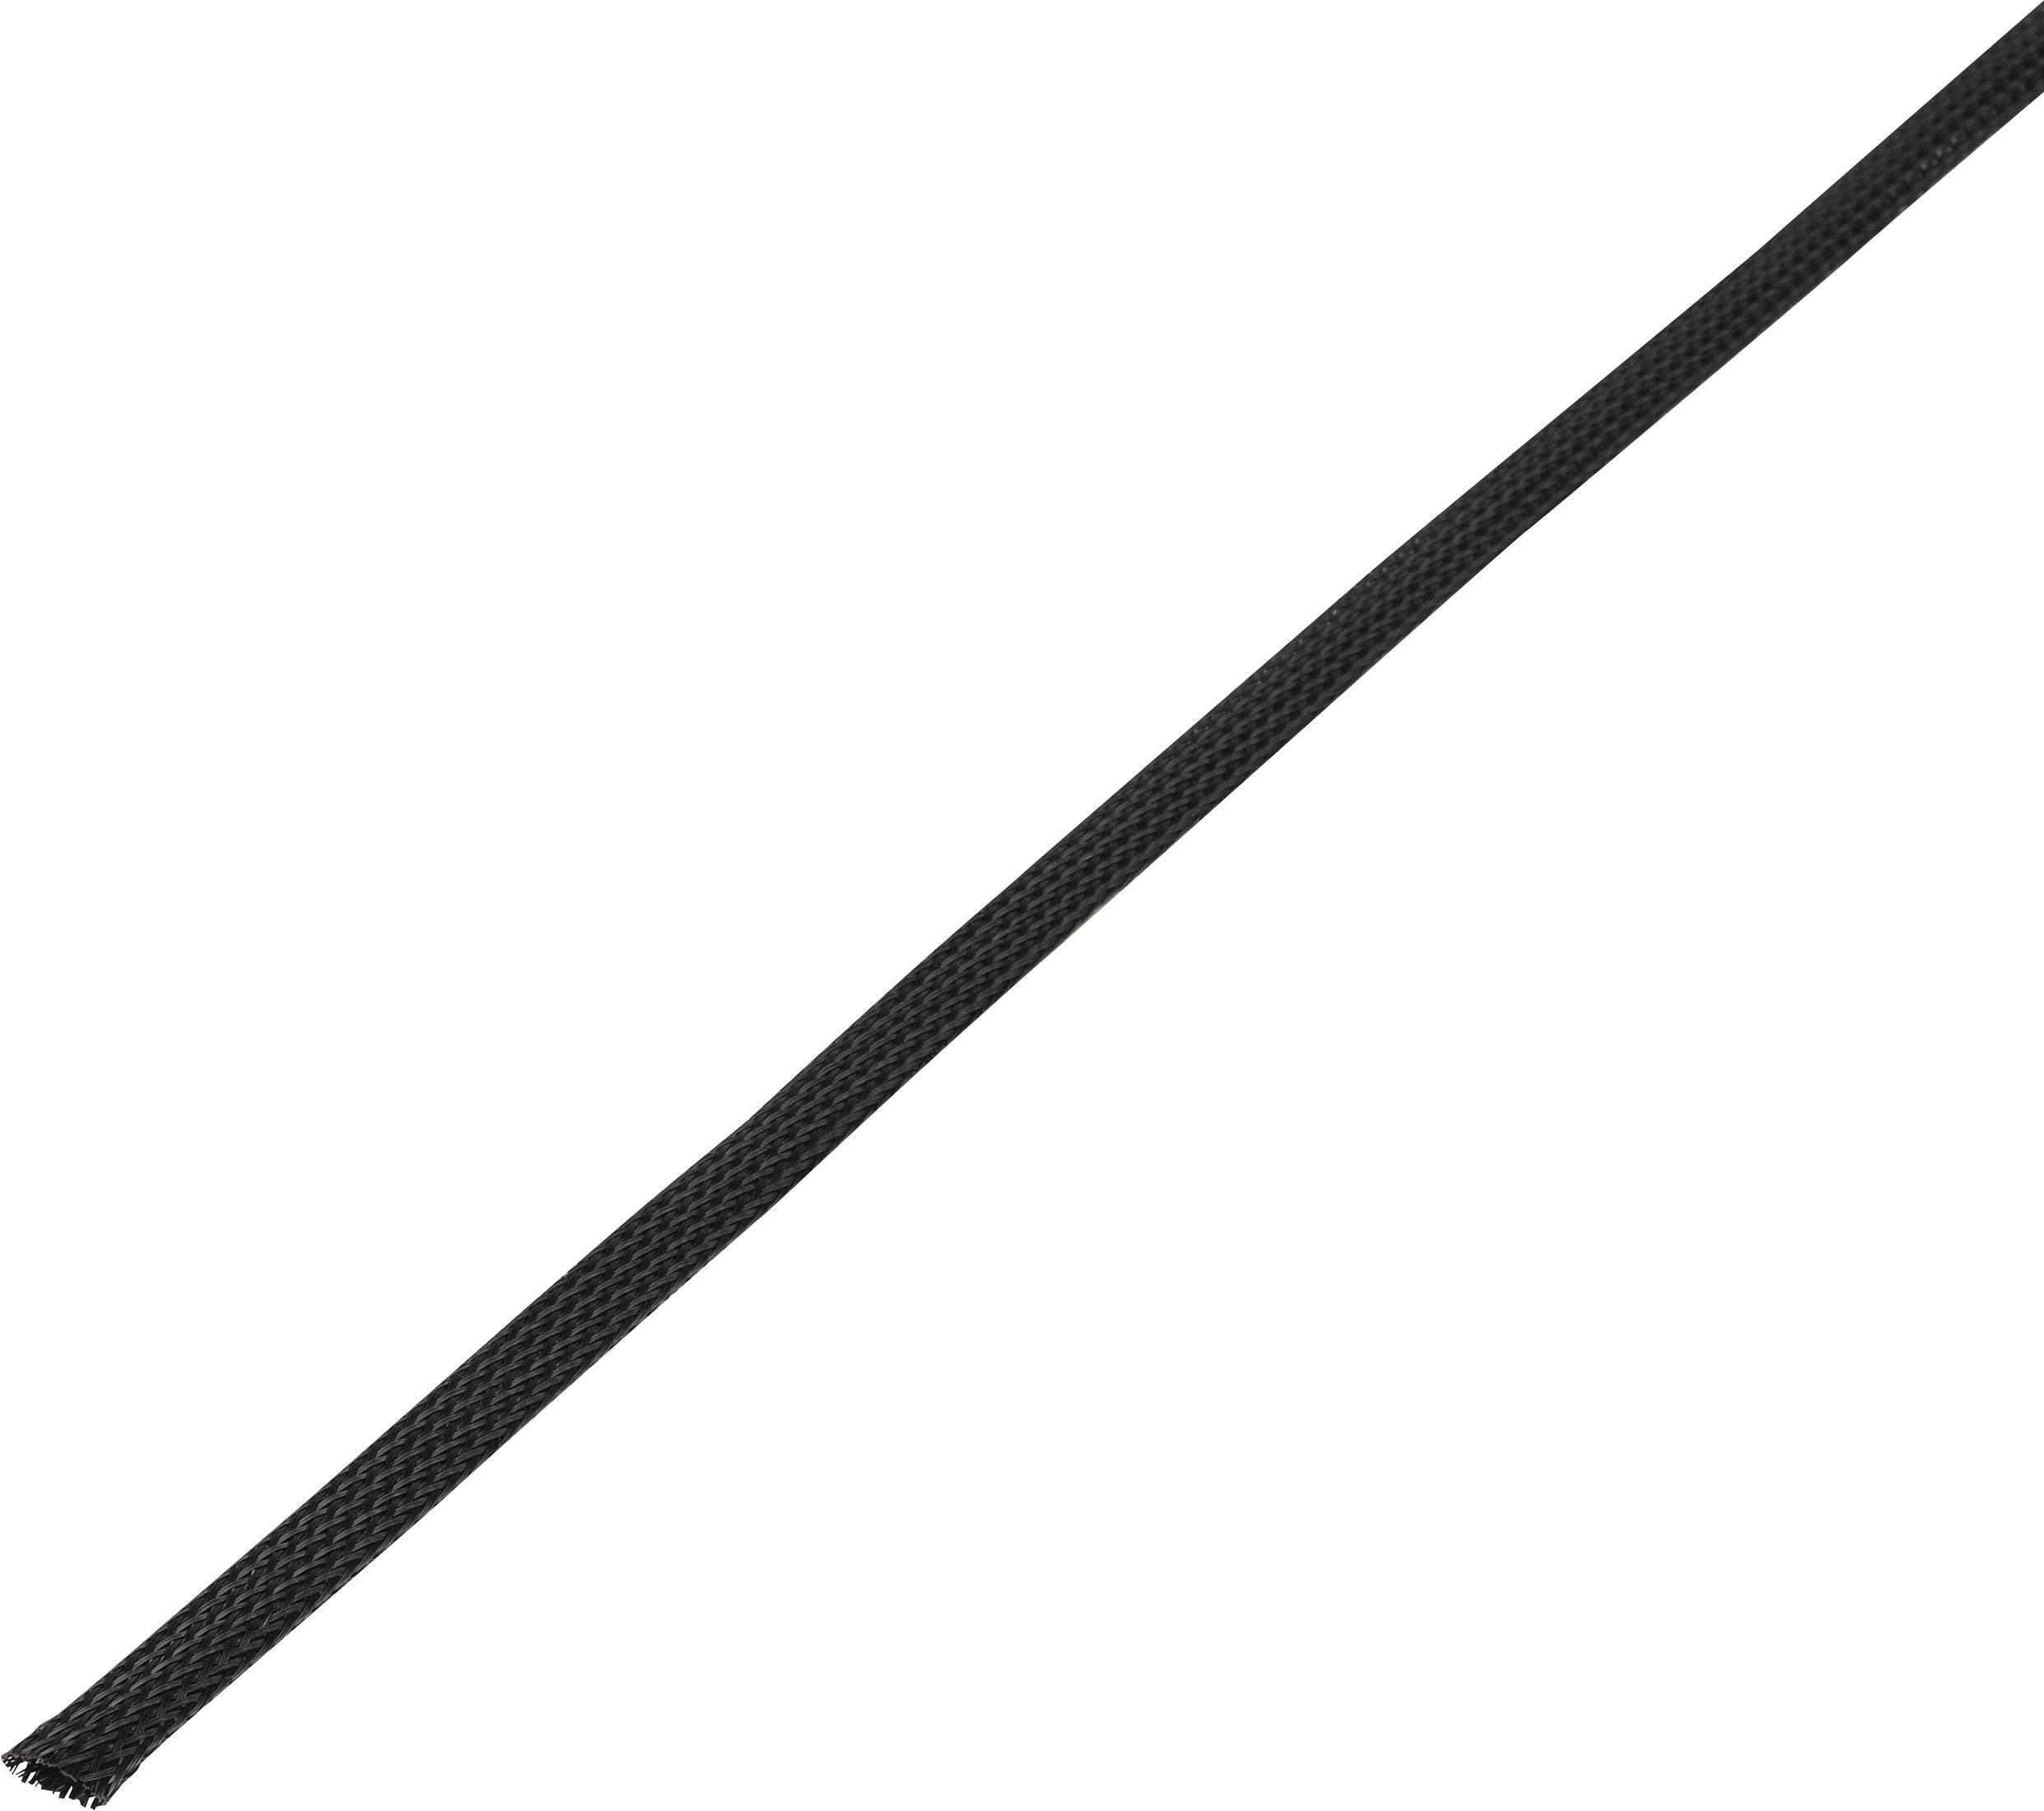 Ochranné opletenie CBBOX0814-BK Ø zväzku: 8 - 14 mm čierna 10 m